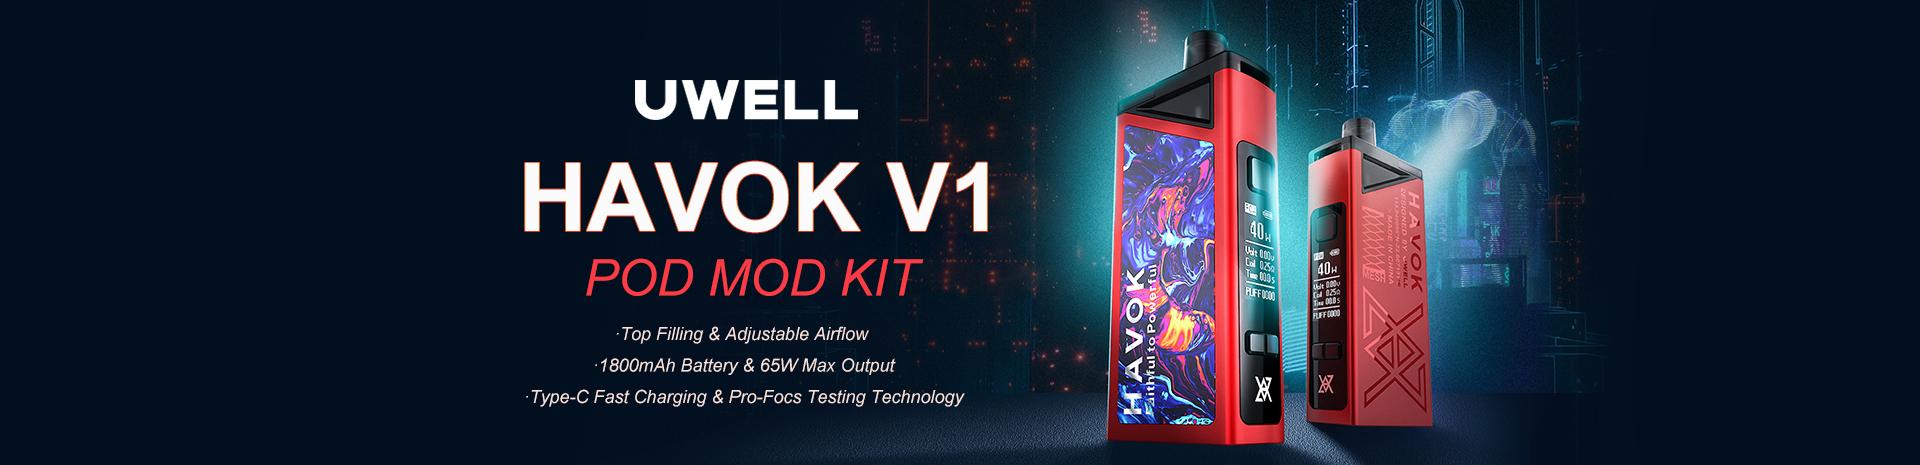 Uwell Havok V1 Pod Mod Kit Banner